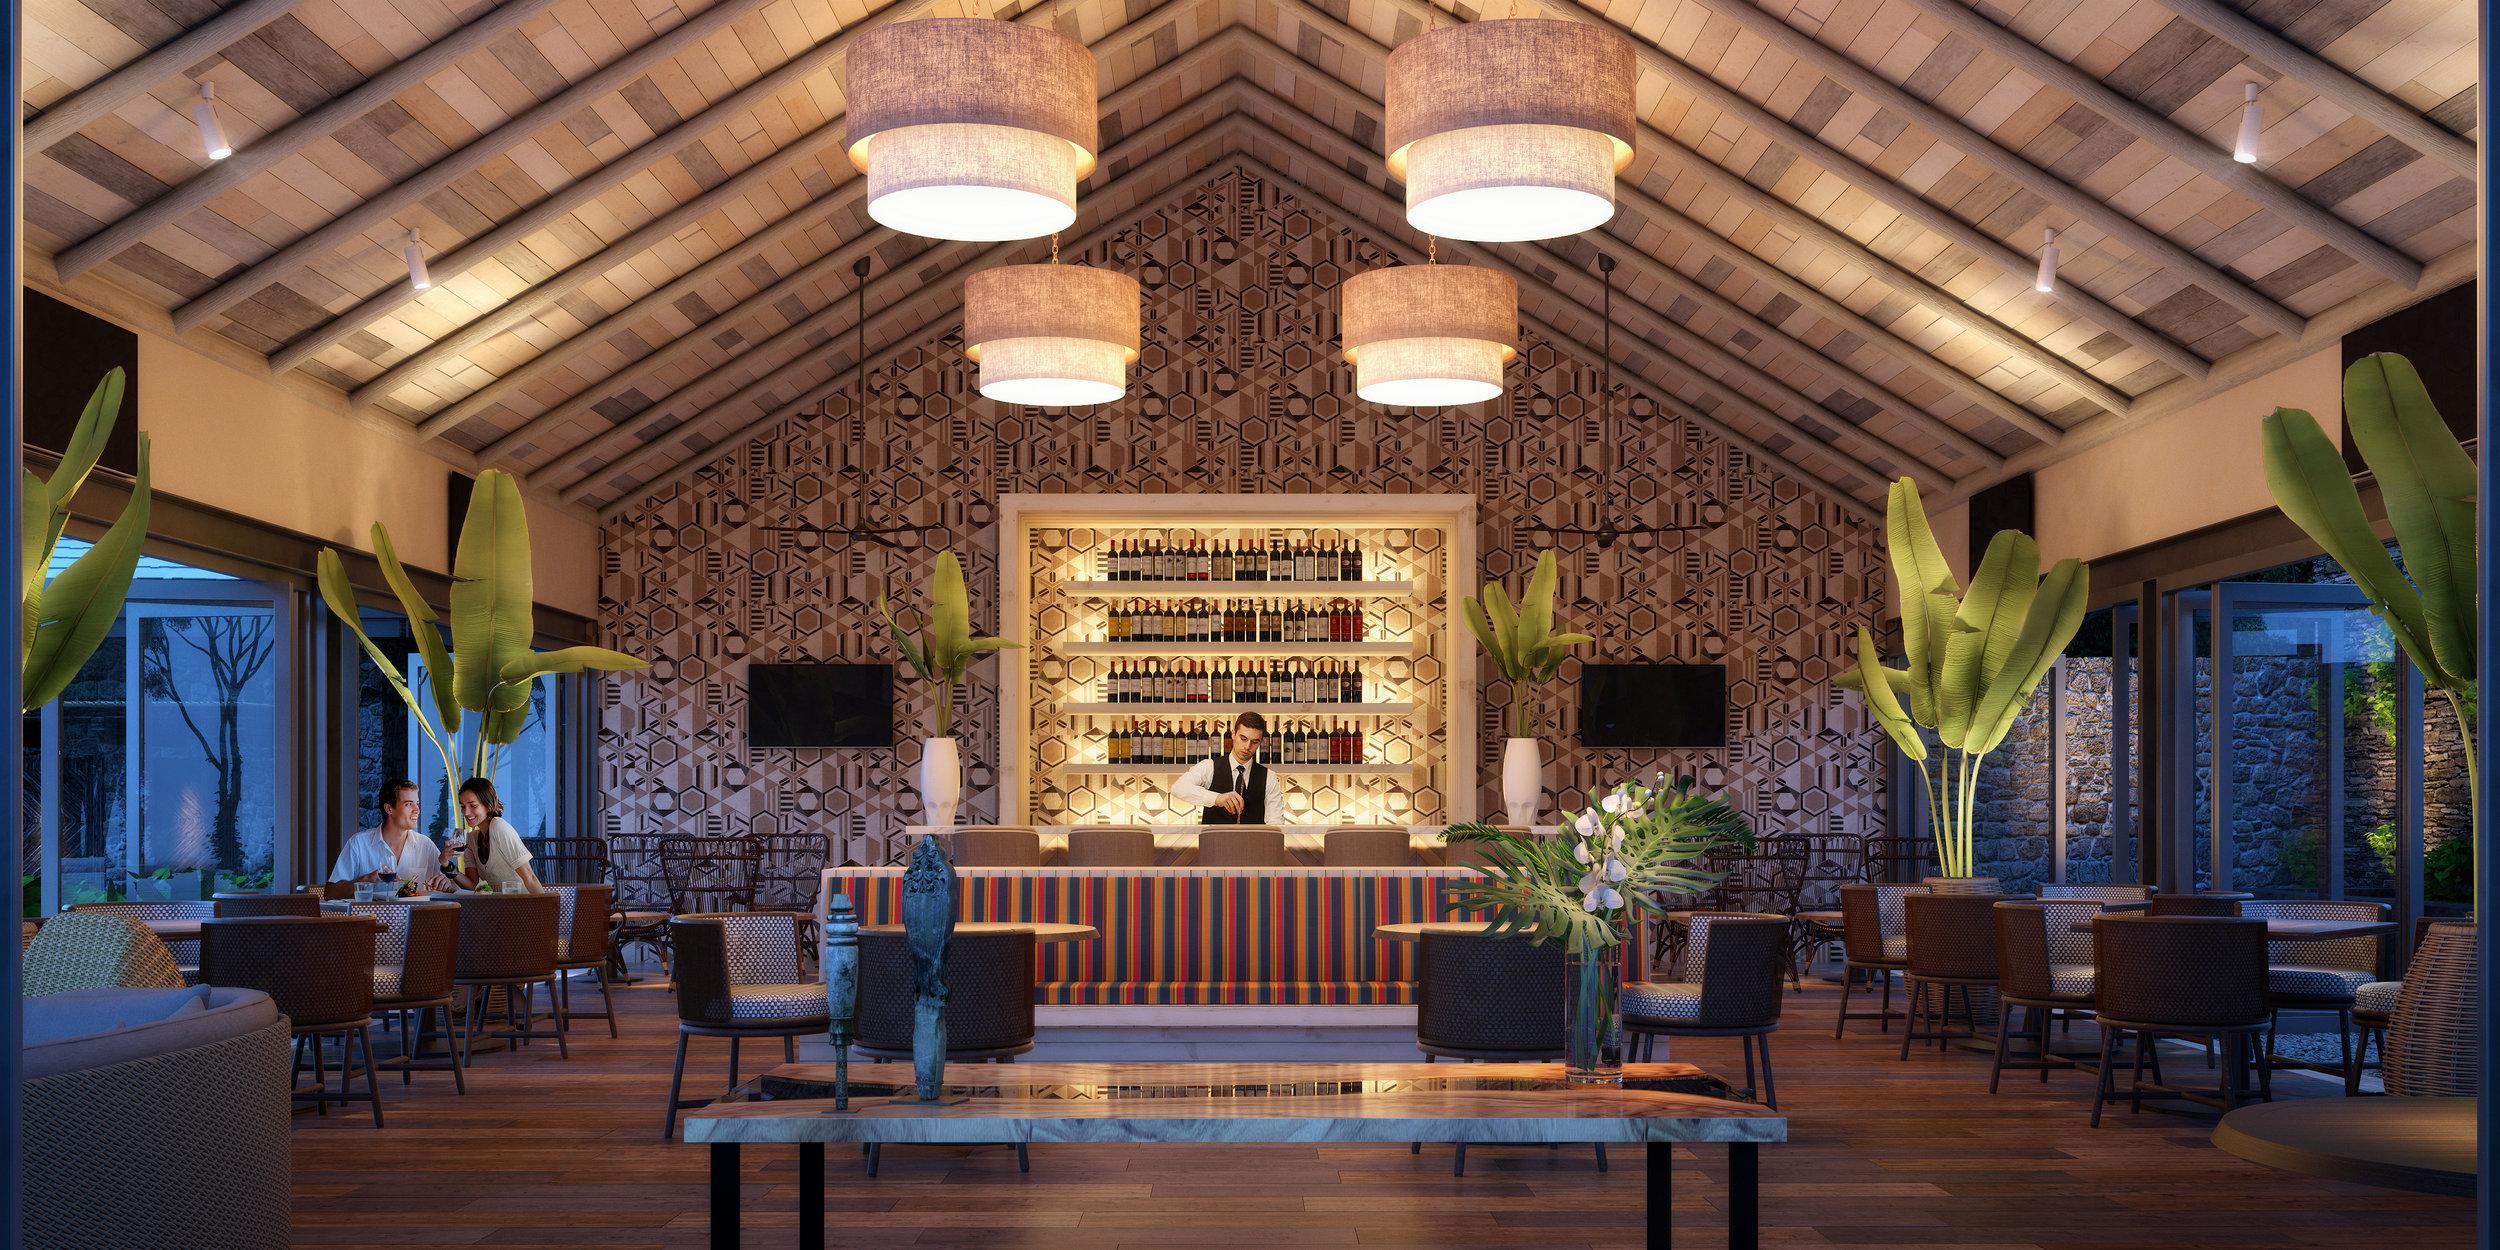 579_Prieta_Beach_club_Cam_04_Restaurante_final.jpg